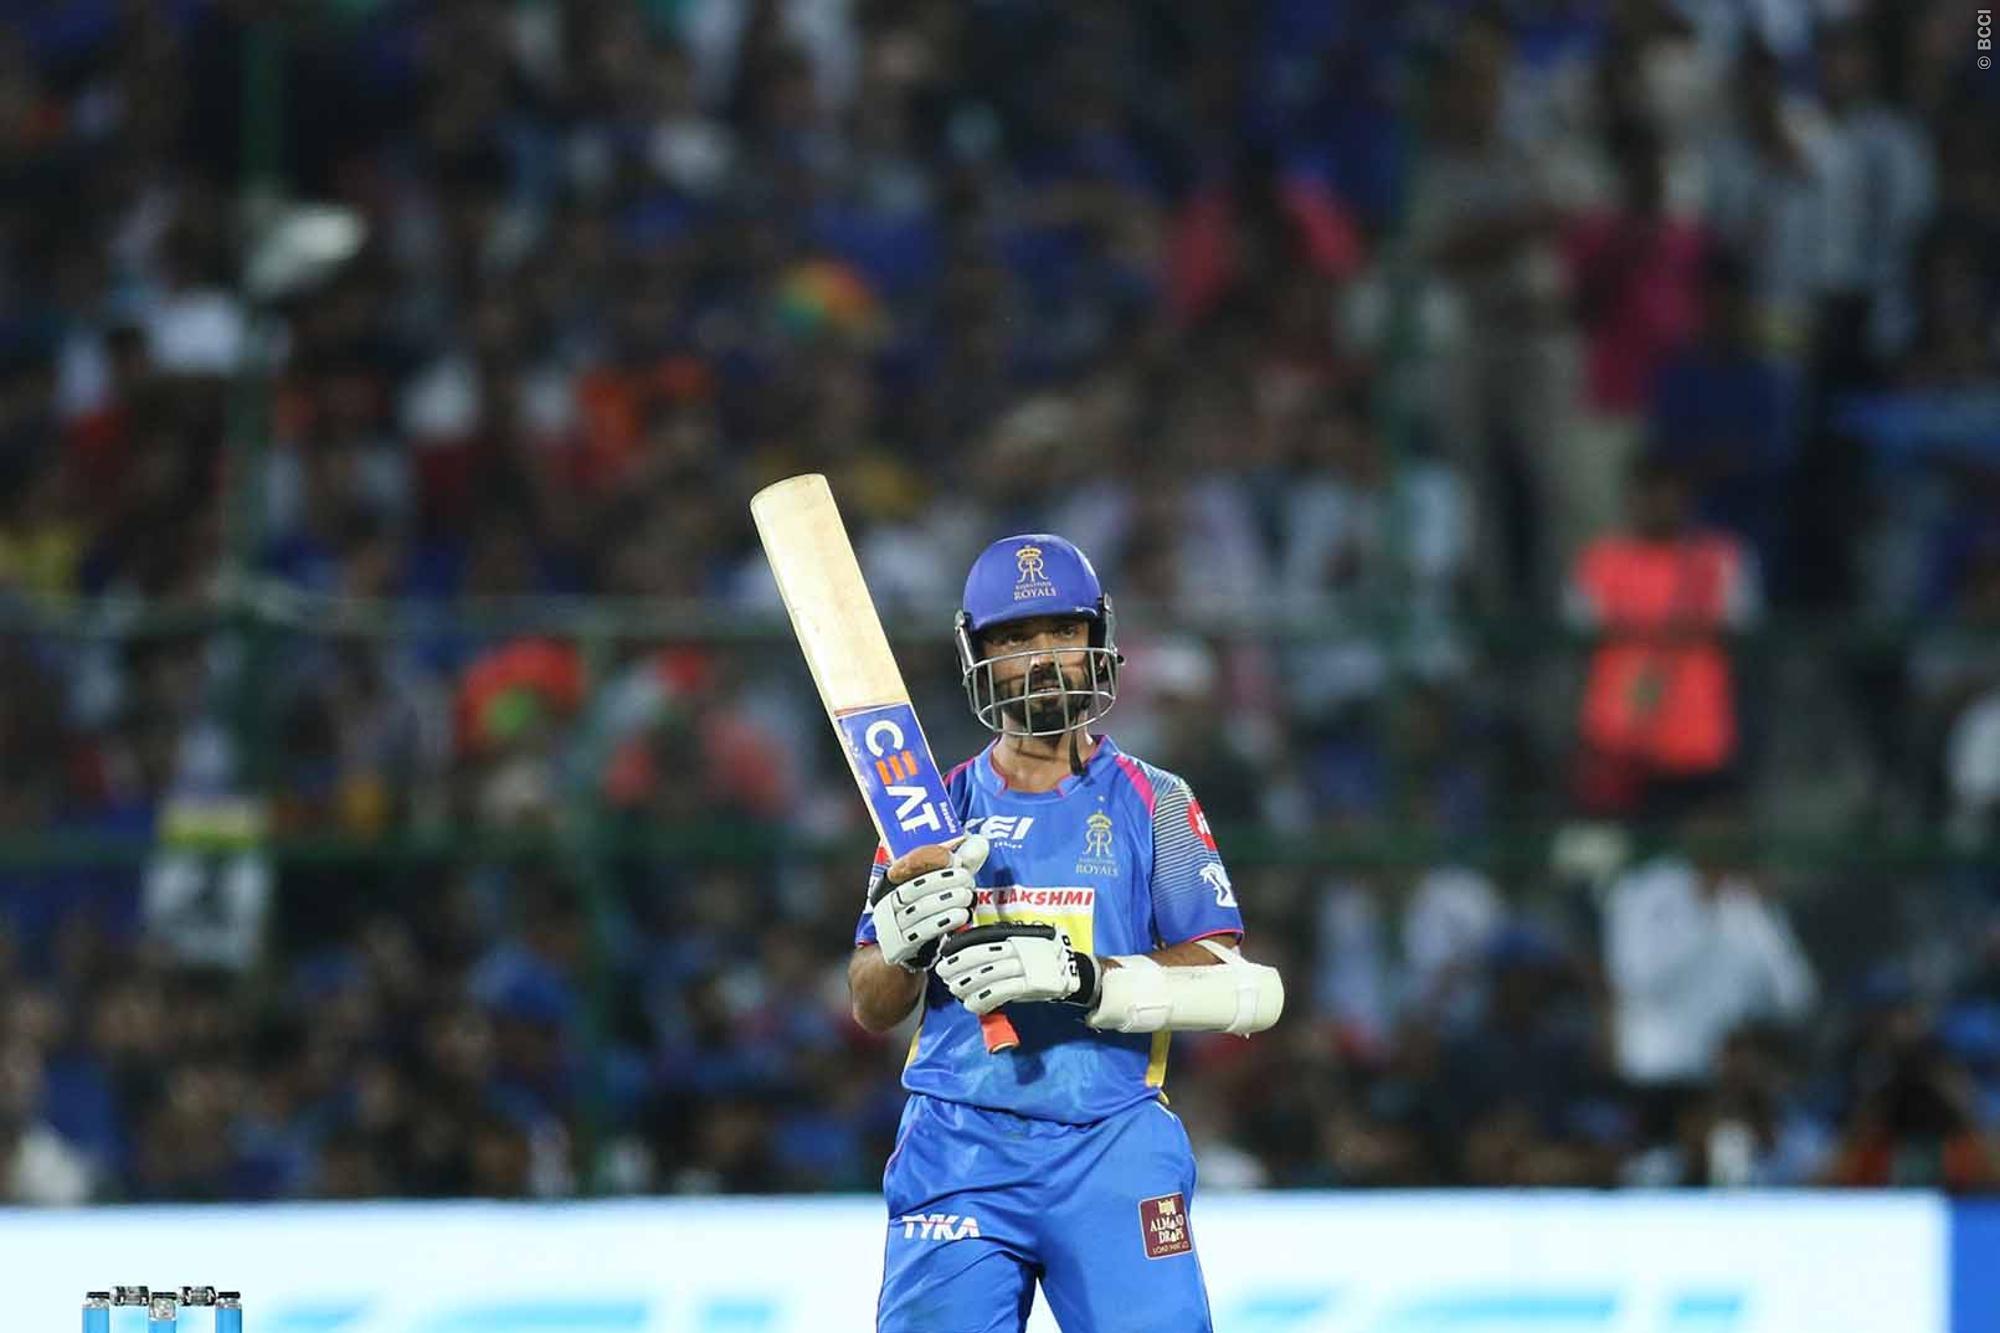 राजस्थान रॉयल्स की लगातार हार के बाद जहीर खान ने अजिंक्य रहाणे पर किया कटाक्ष 19